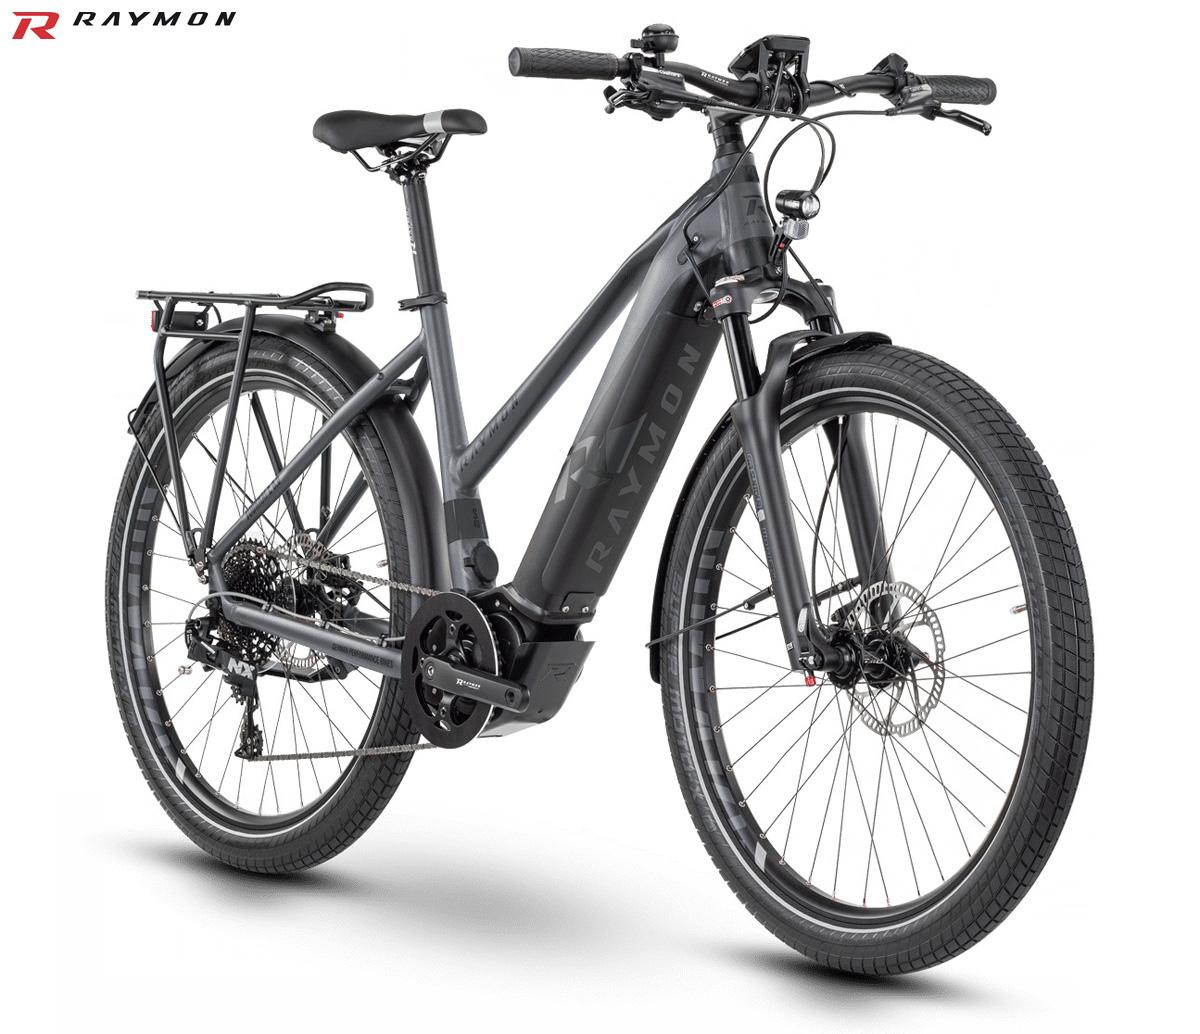 Una e-bike da trekking R Raymon TourRay E 8.0 con telaio da donna